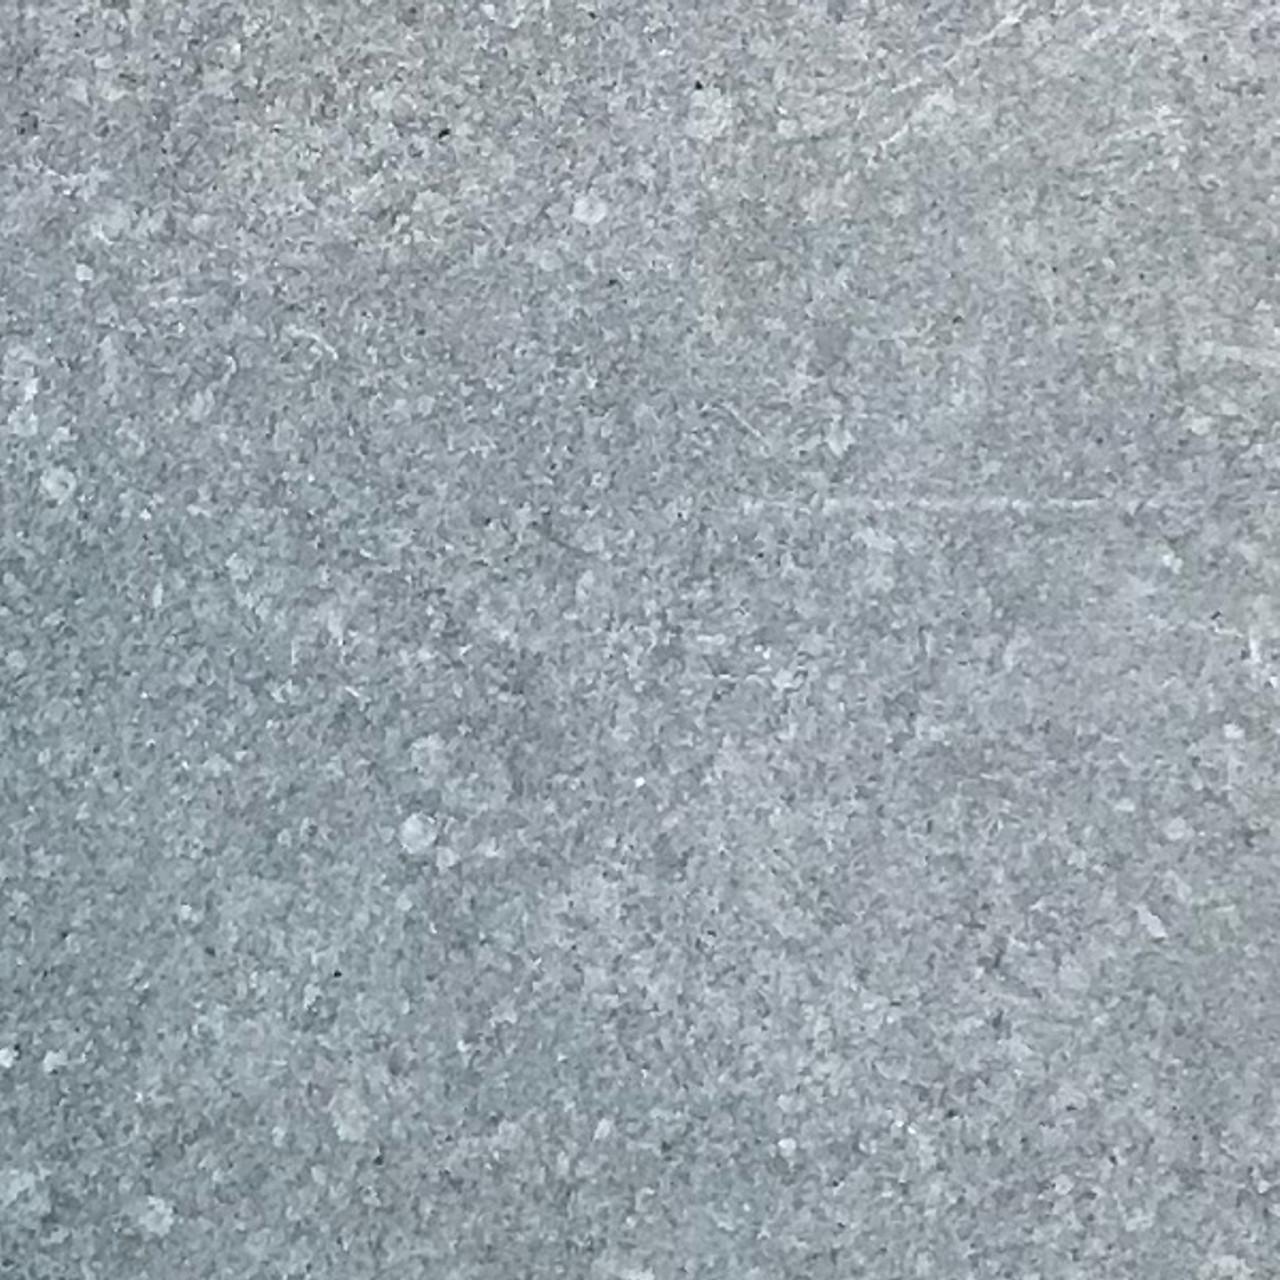 Kilkenny limestone sandblasted texture